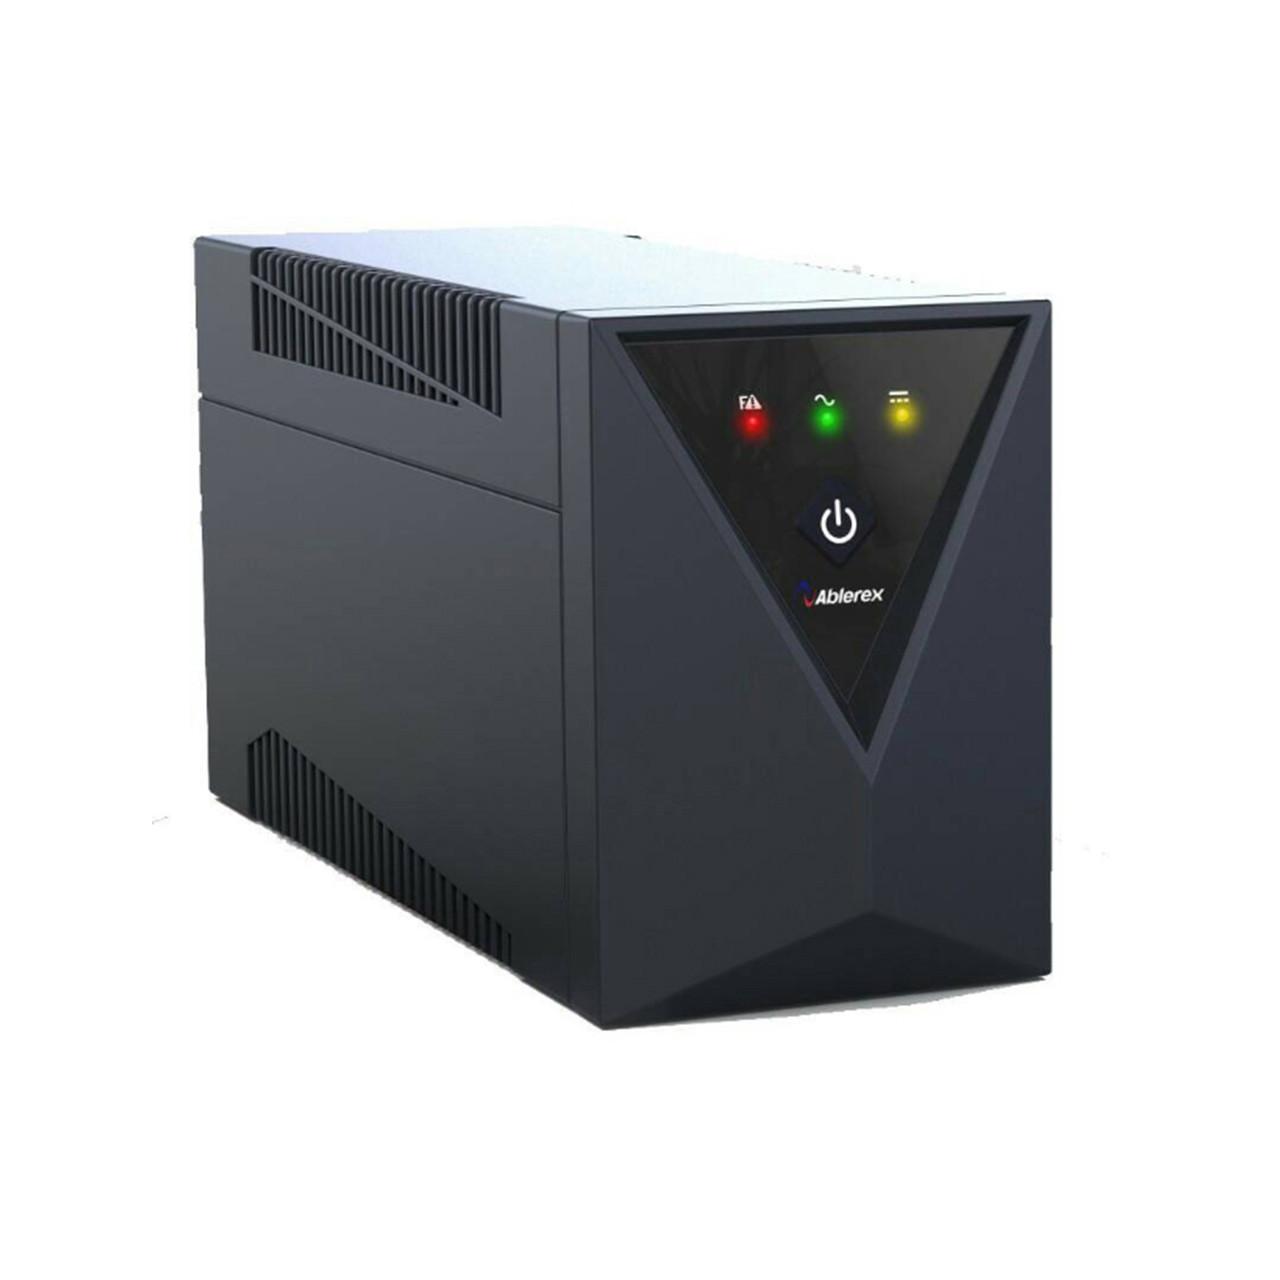 ABLEREX-650LS